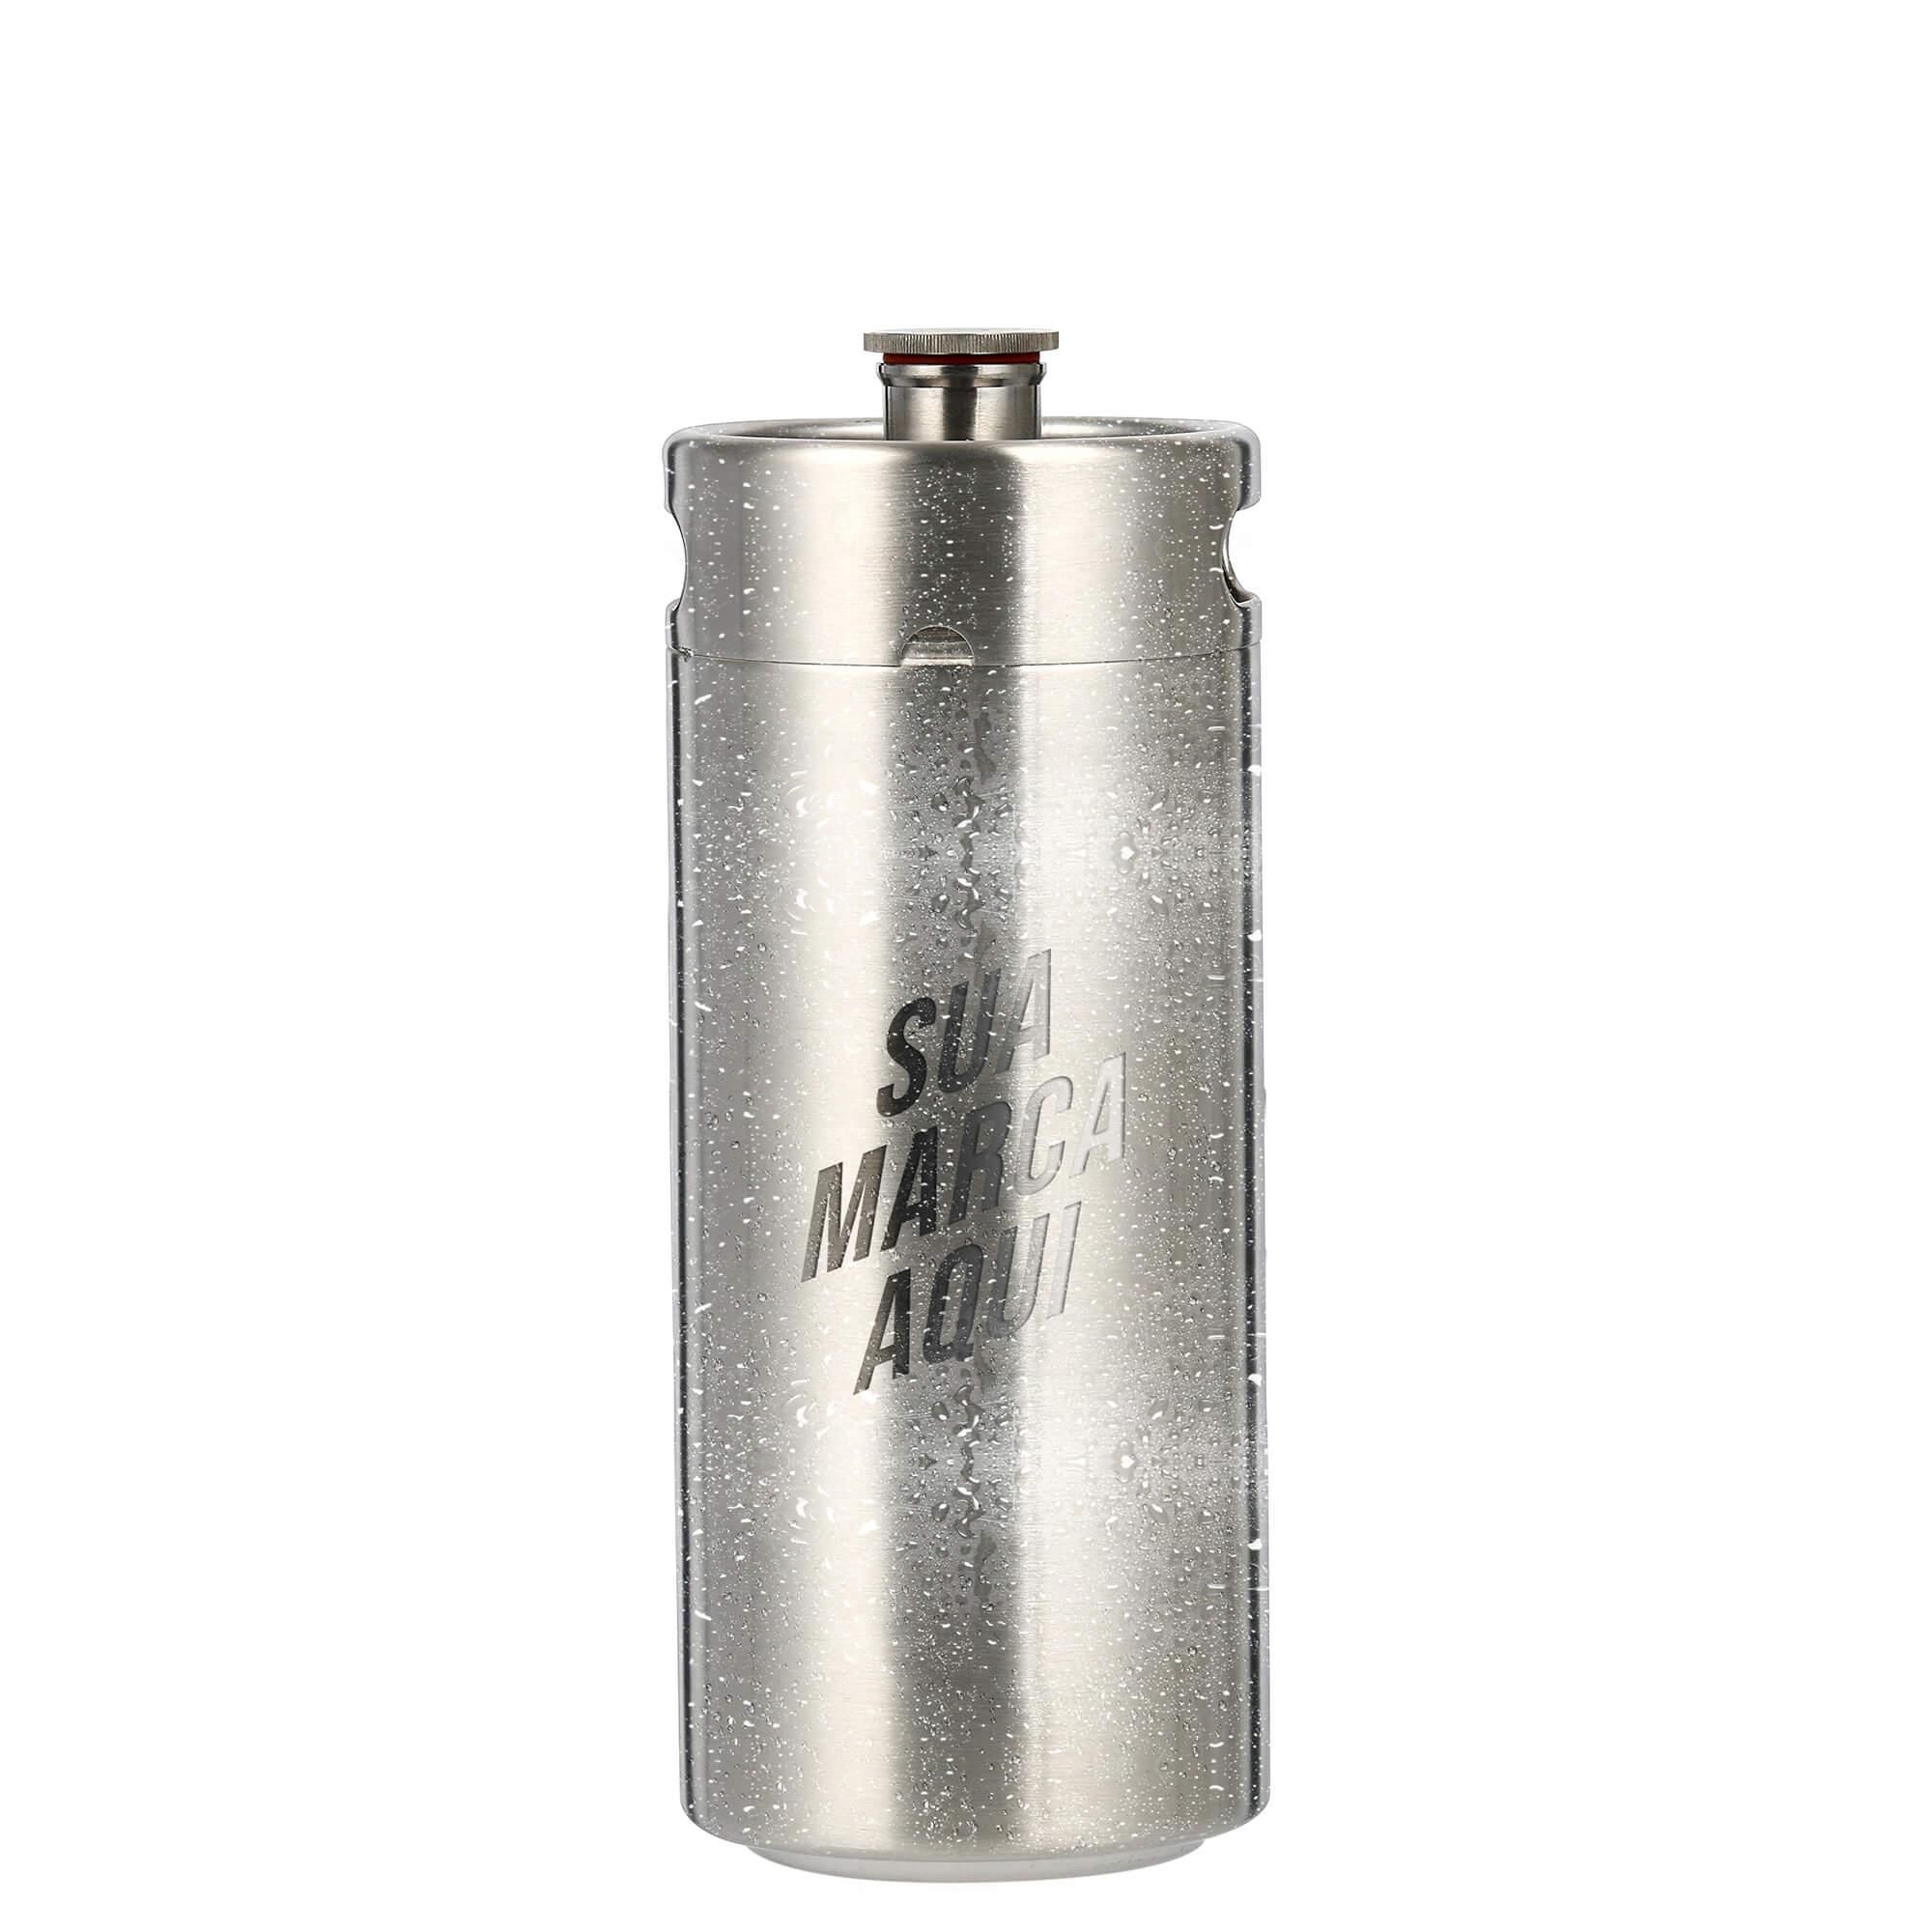 Mini Keg de aço inox de 4L personalizado em laser